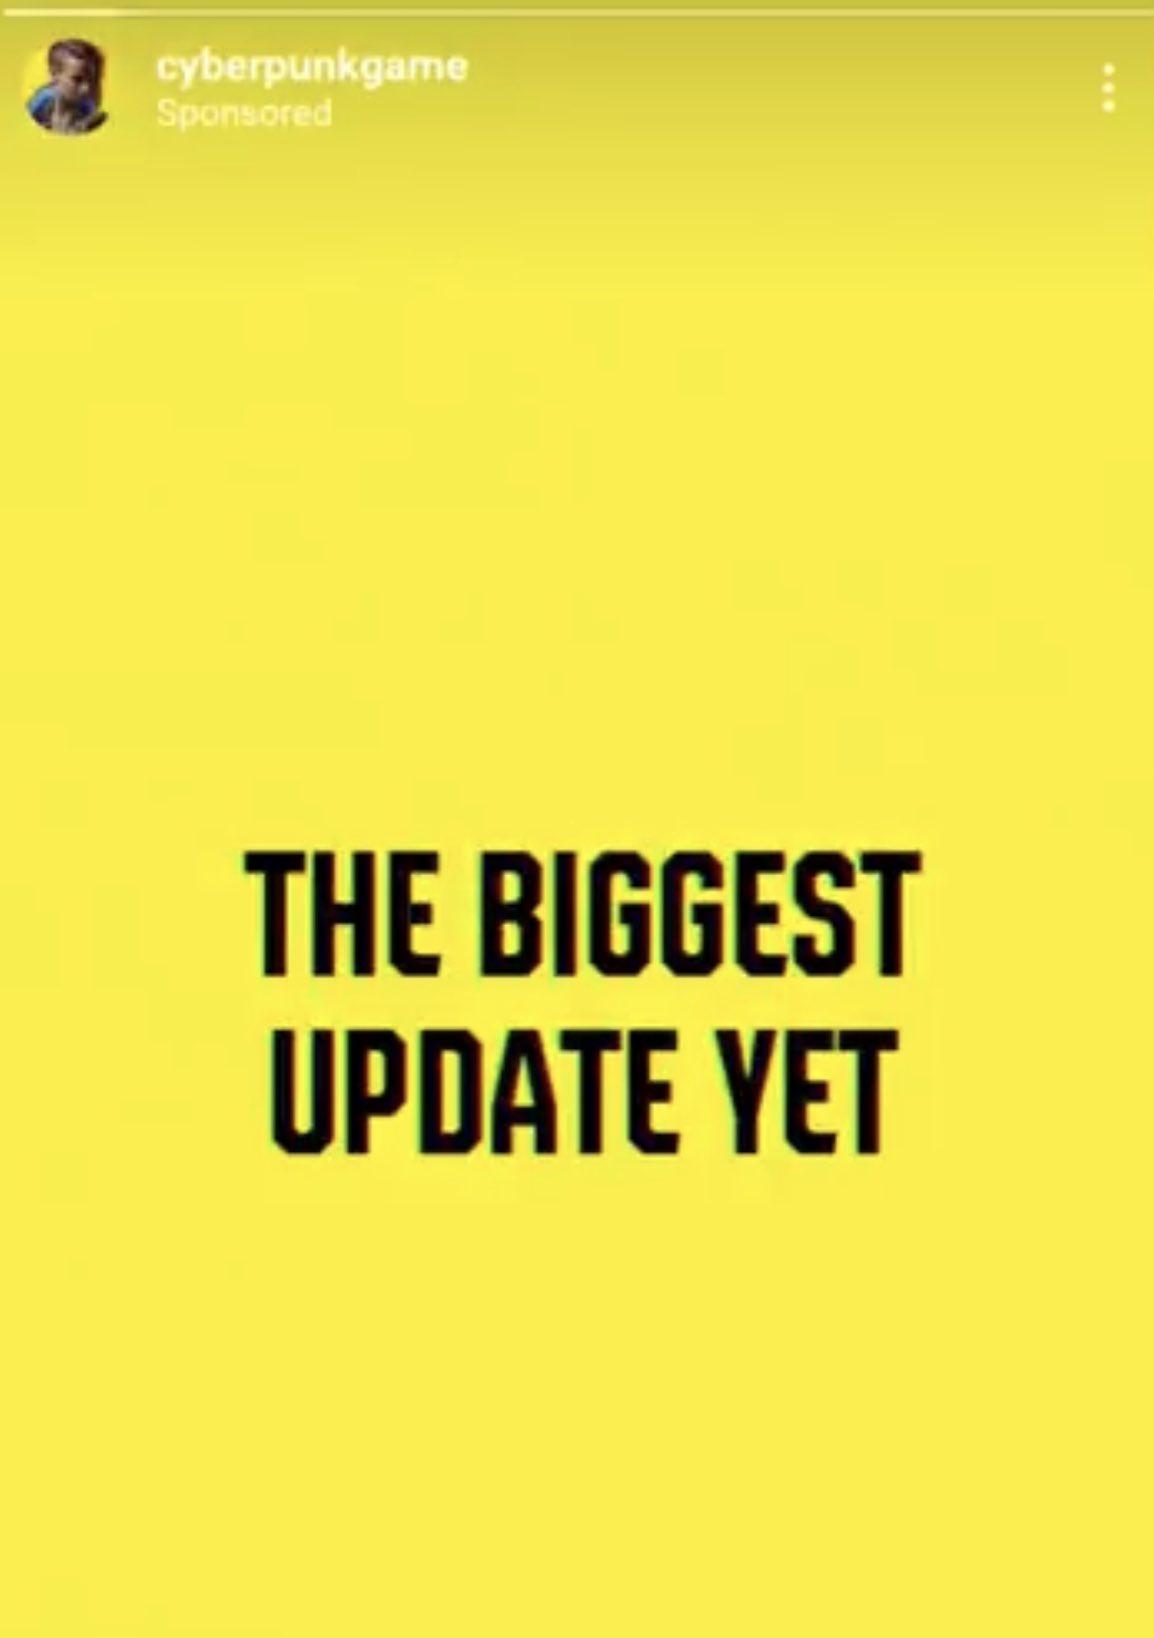 """Реклама """"найбільшого"""" оновлення для Cyberpunk 2077 / скріншот"""